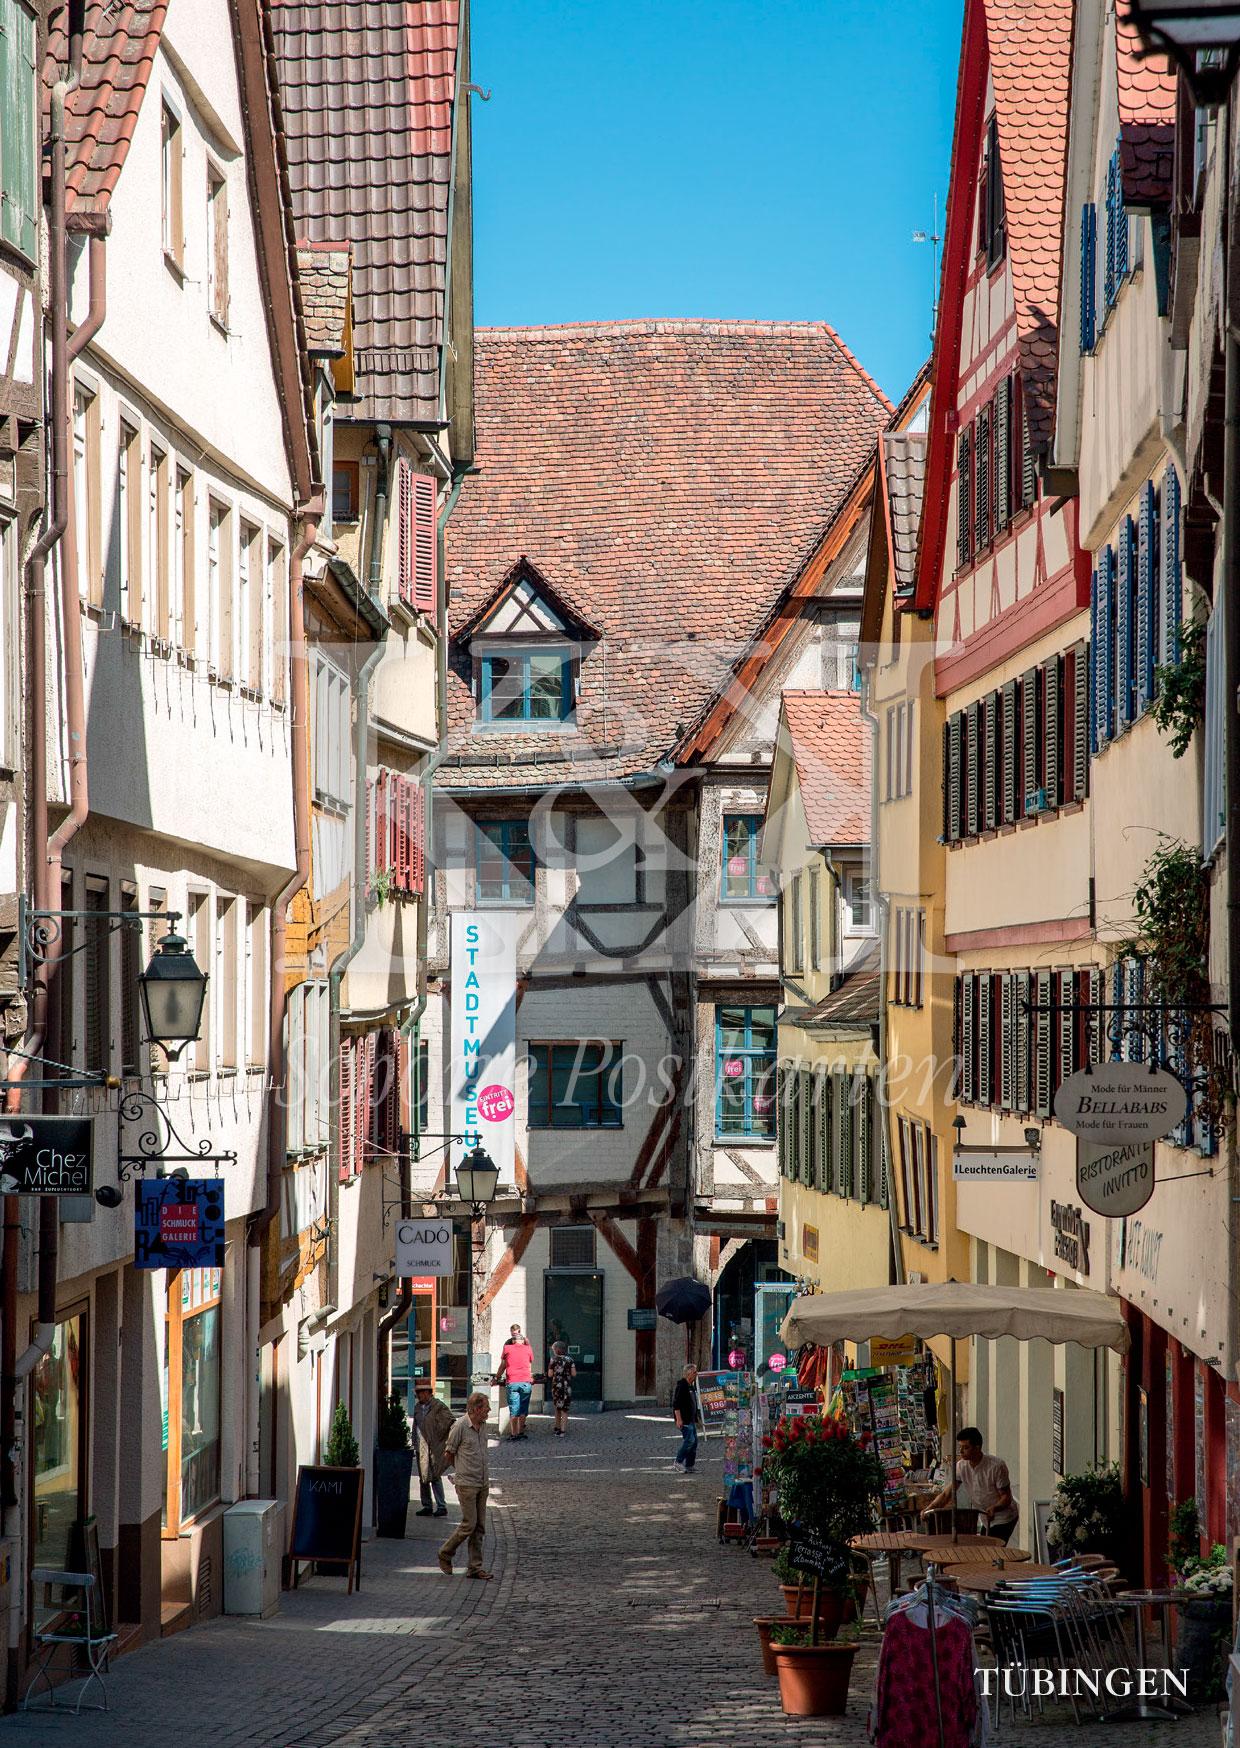 Schöne Postkarte Nr. 58 · Marktgasse in Tübingen · © www.schoenepostkarten.de